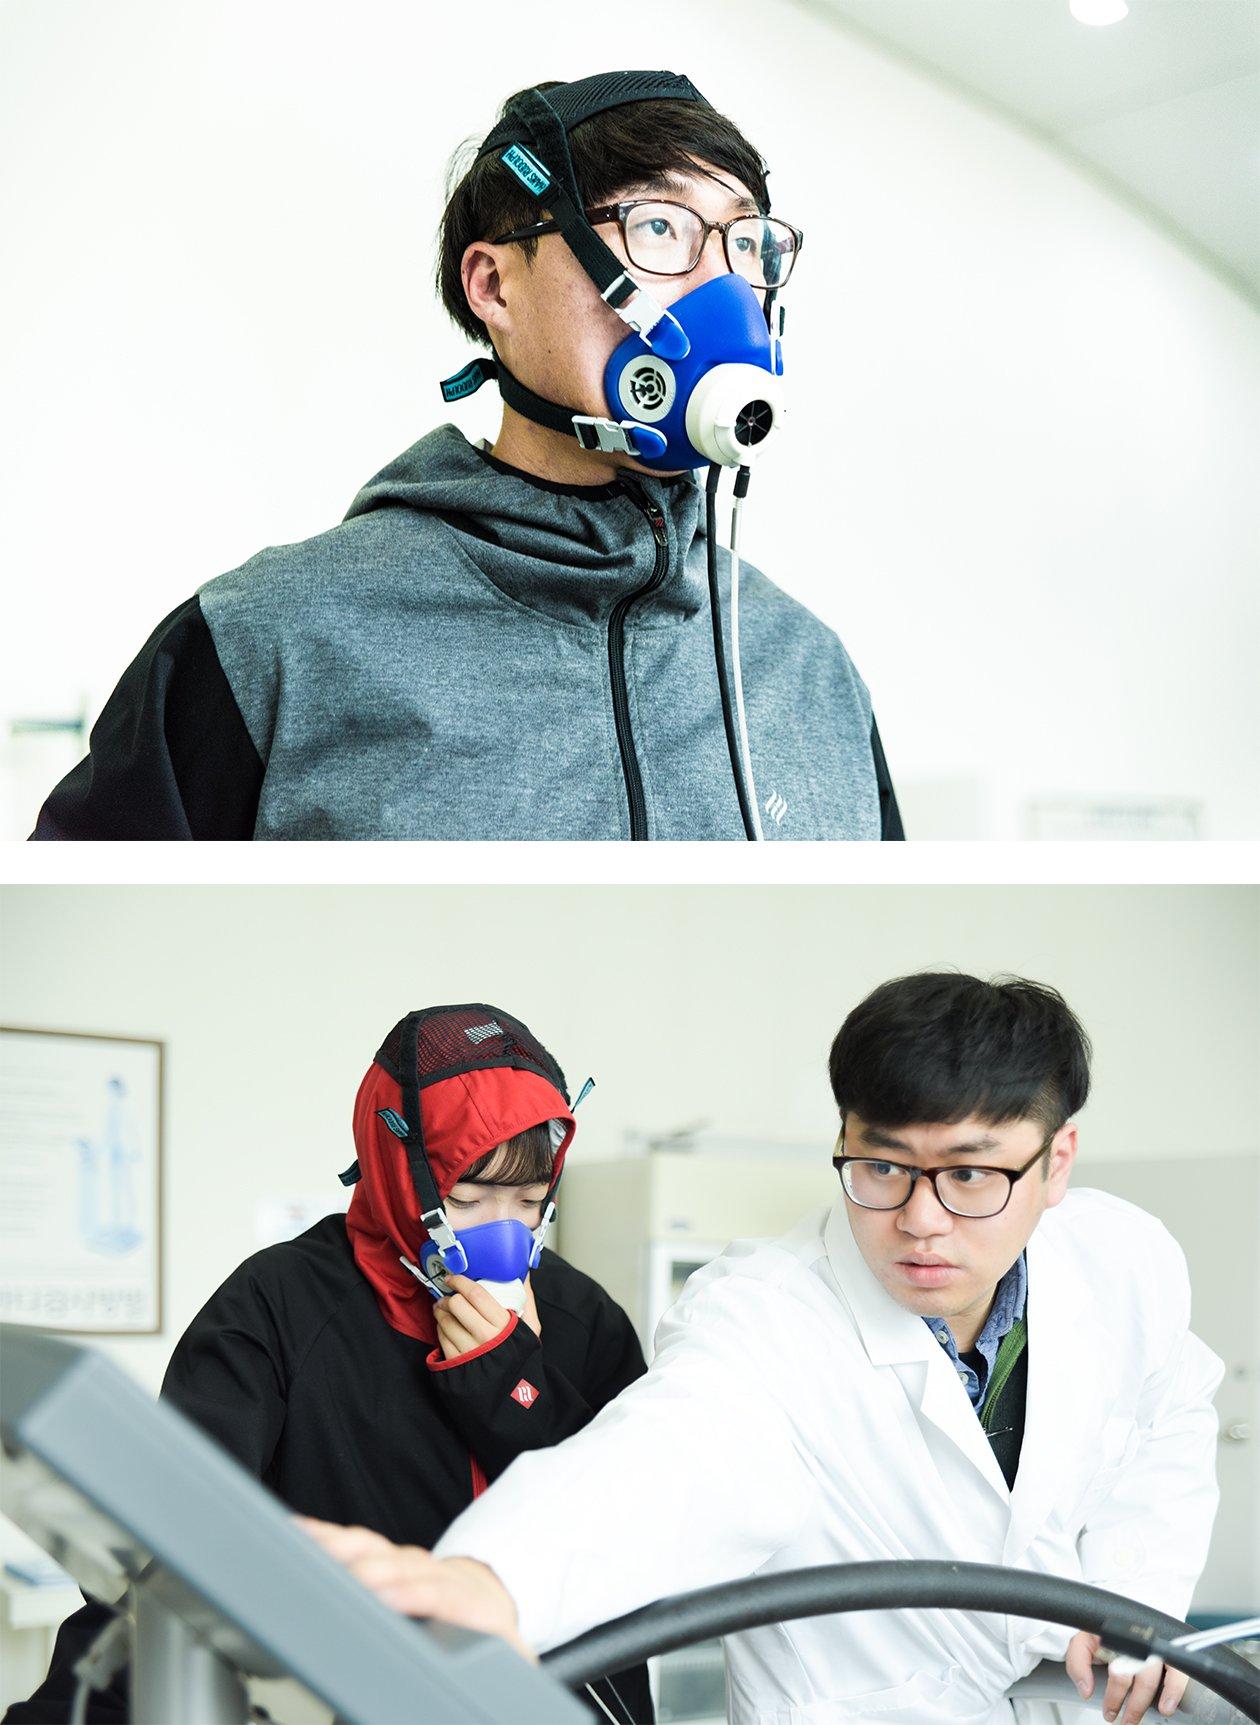 용인대학교 다이어트땀복 핫슈트 실험 사진